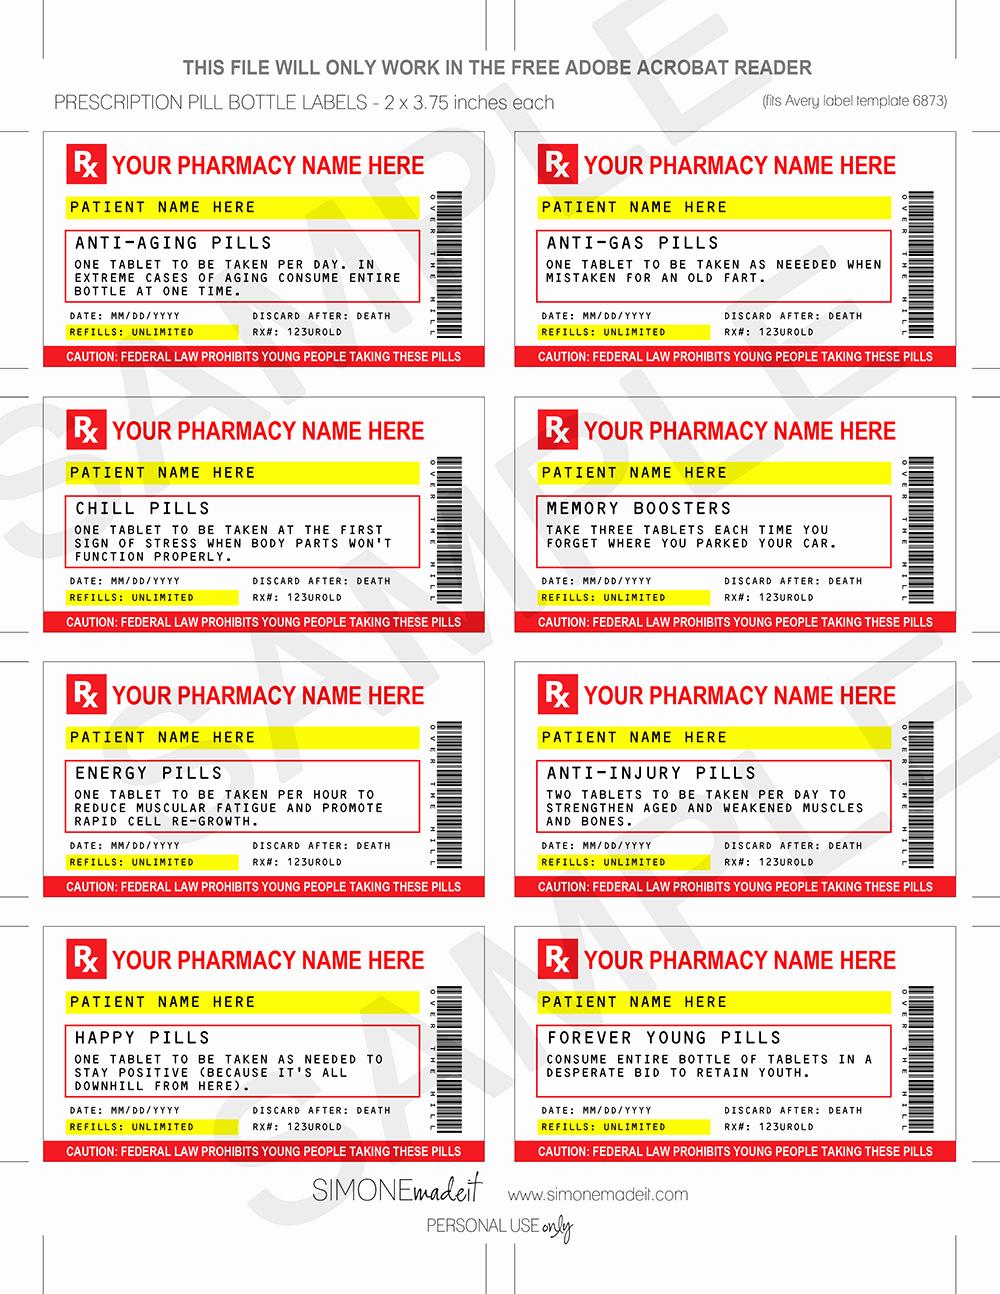 Prescription Pill Bottle Label Template Beautiful Gag Prescription Labels Template